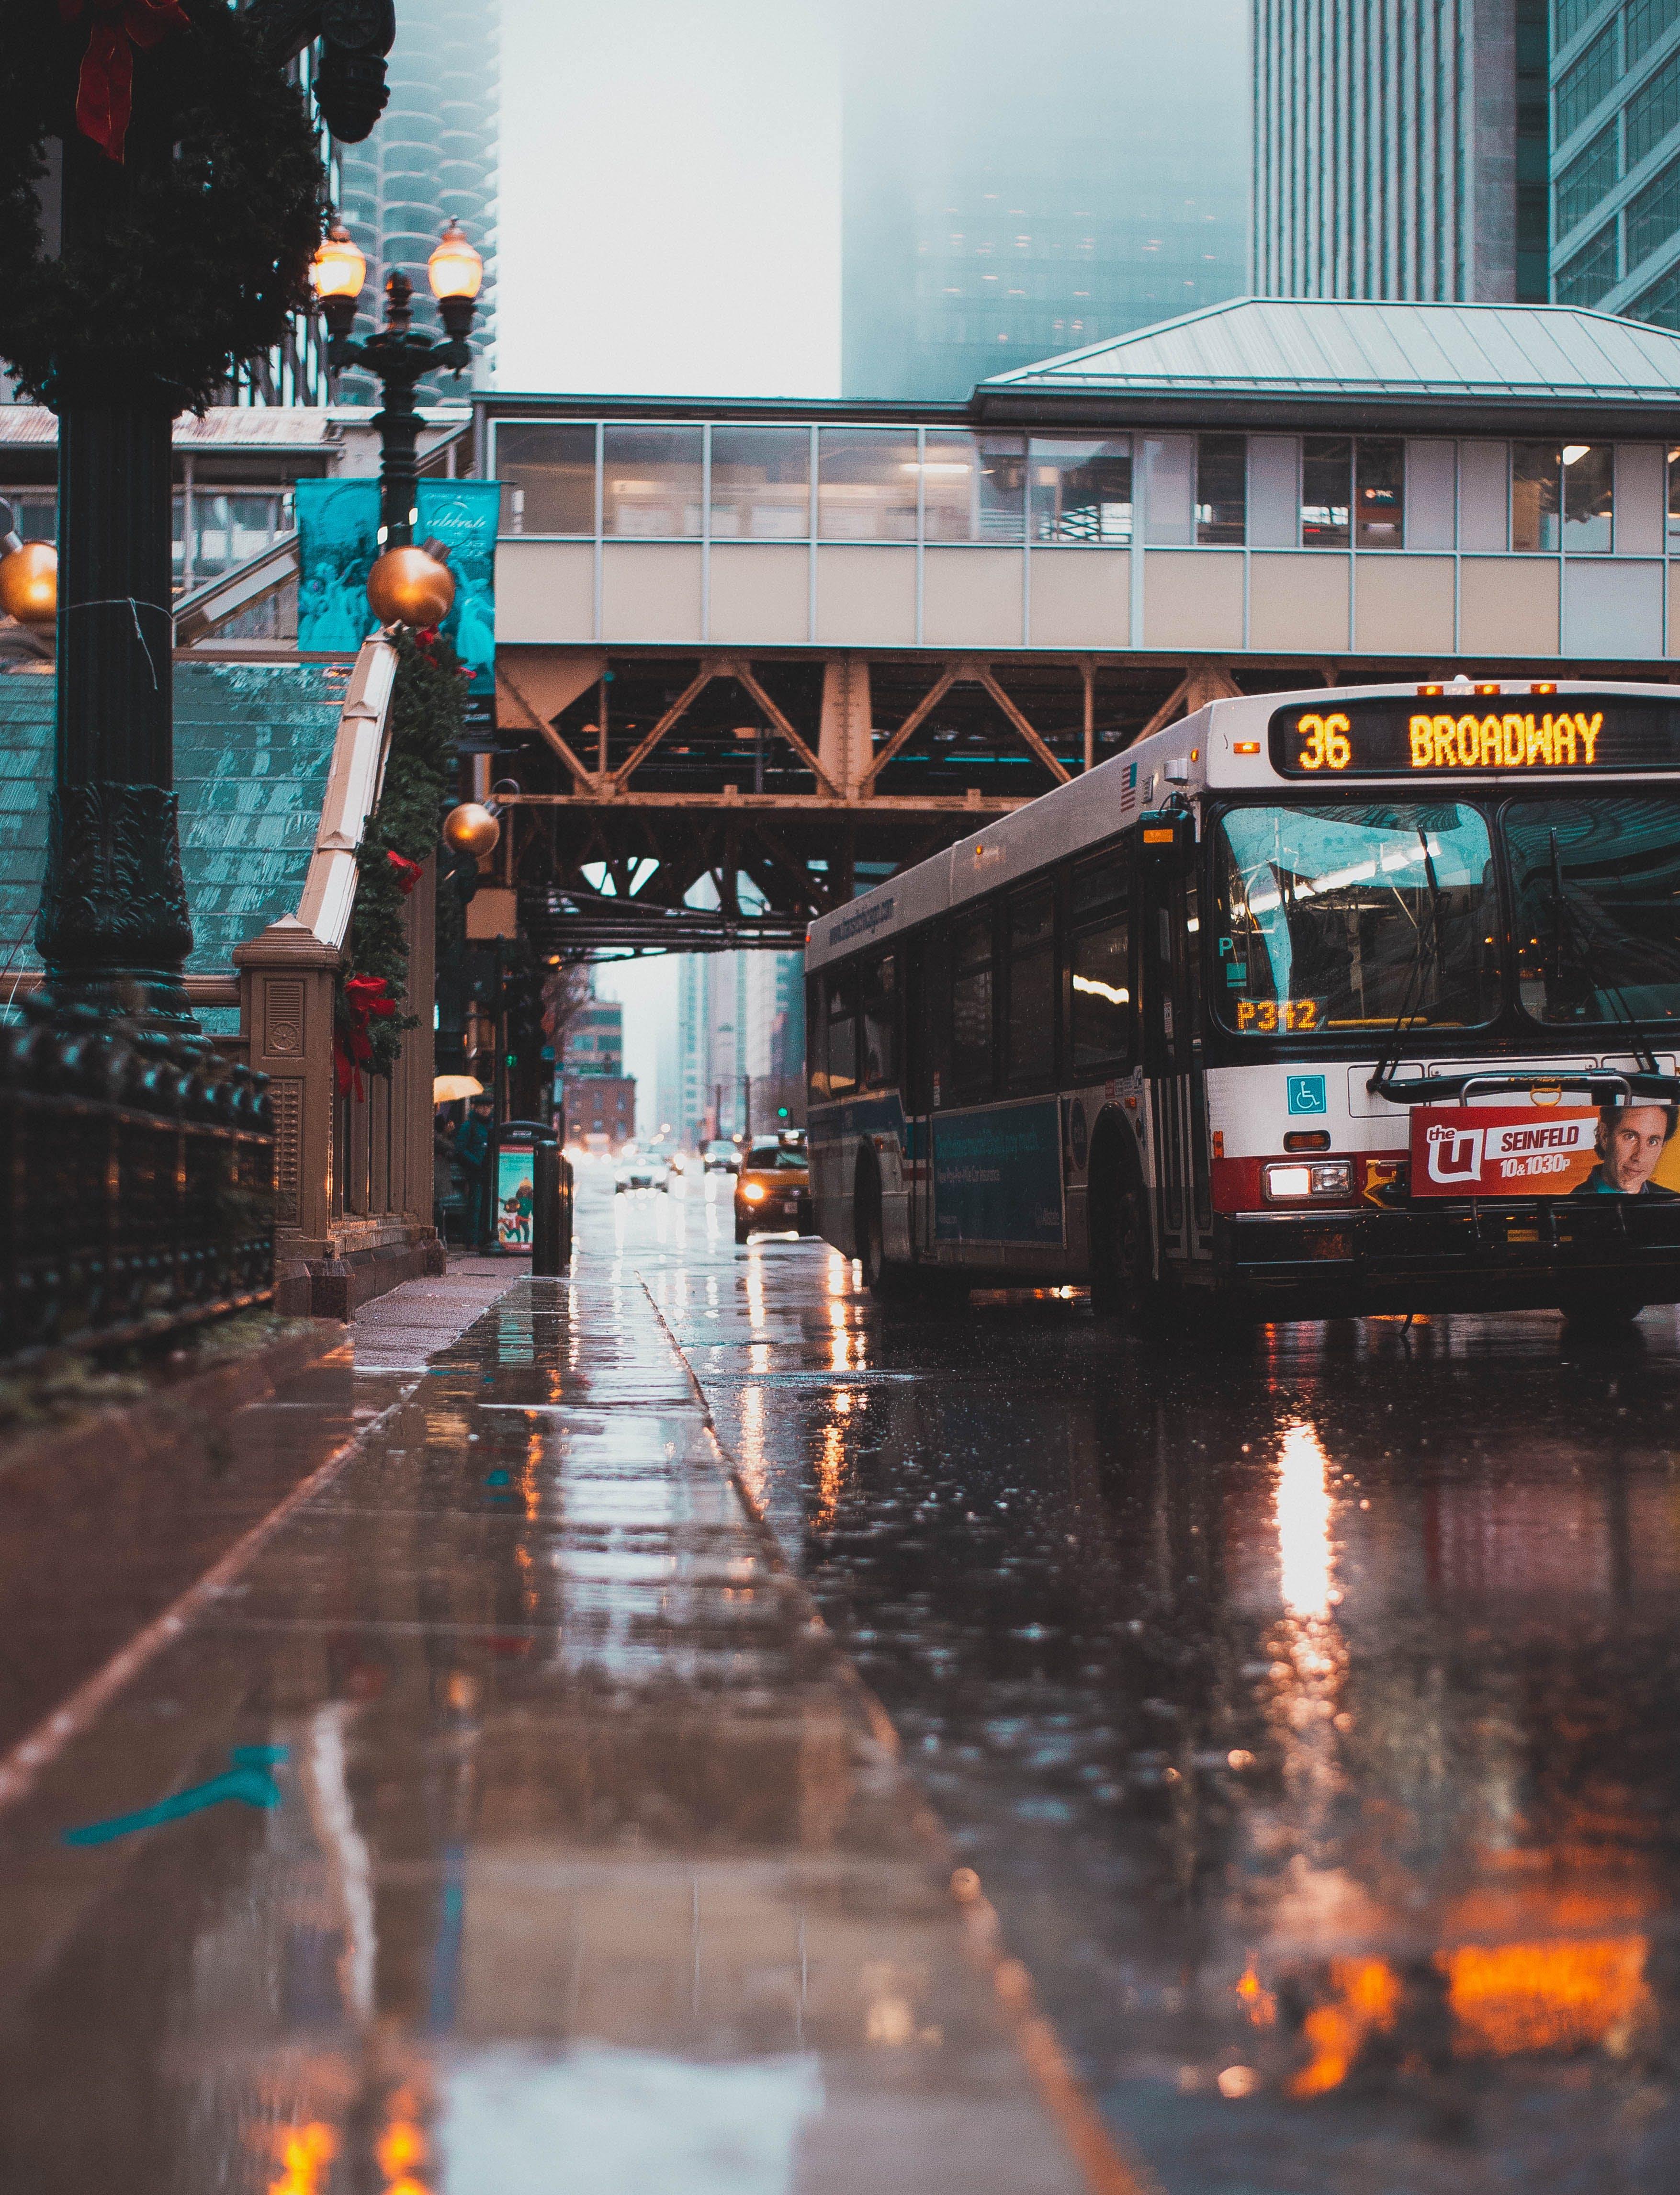 シティ, バス, 交通機関, 車両の無料の写真素材